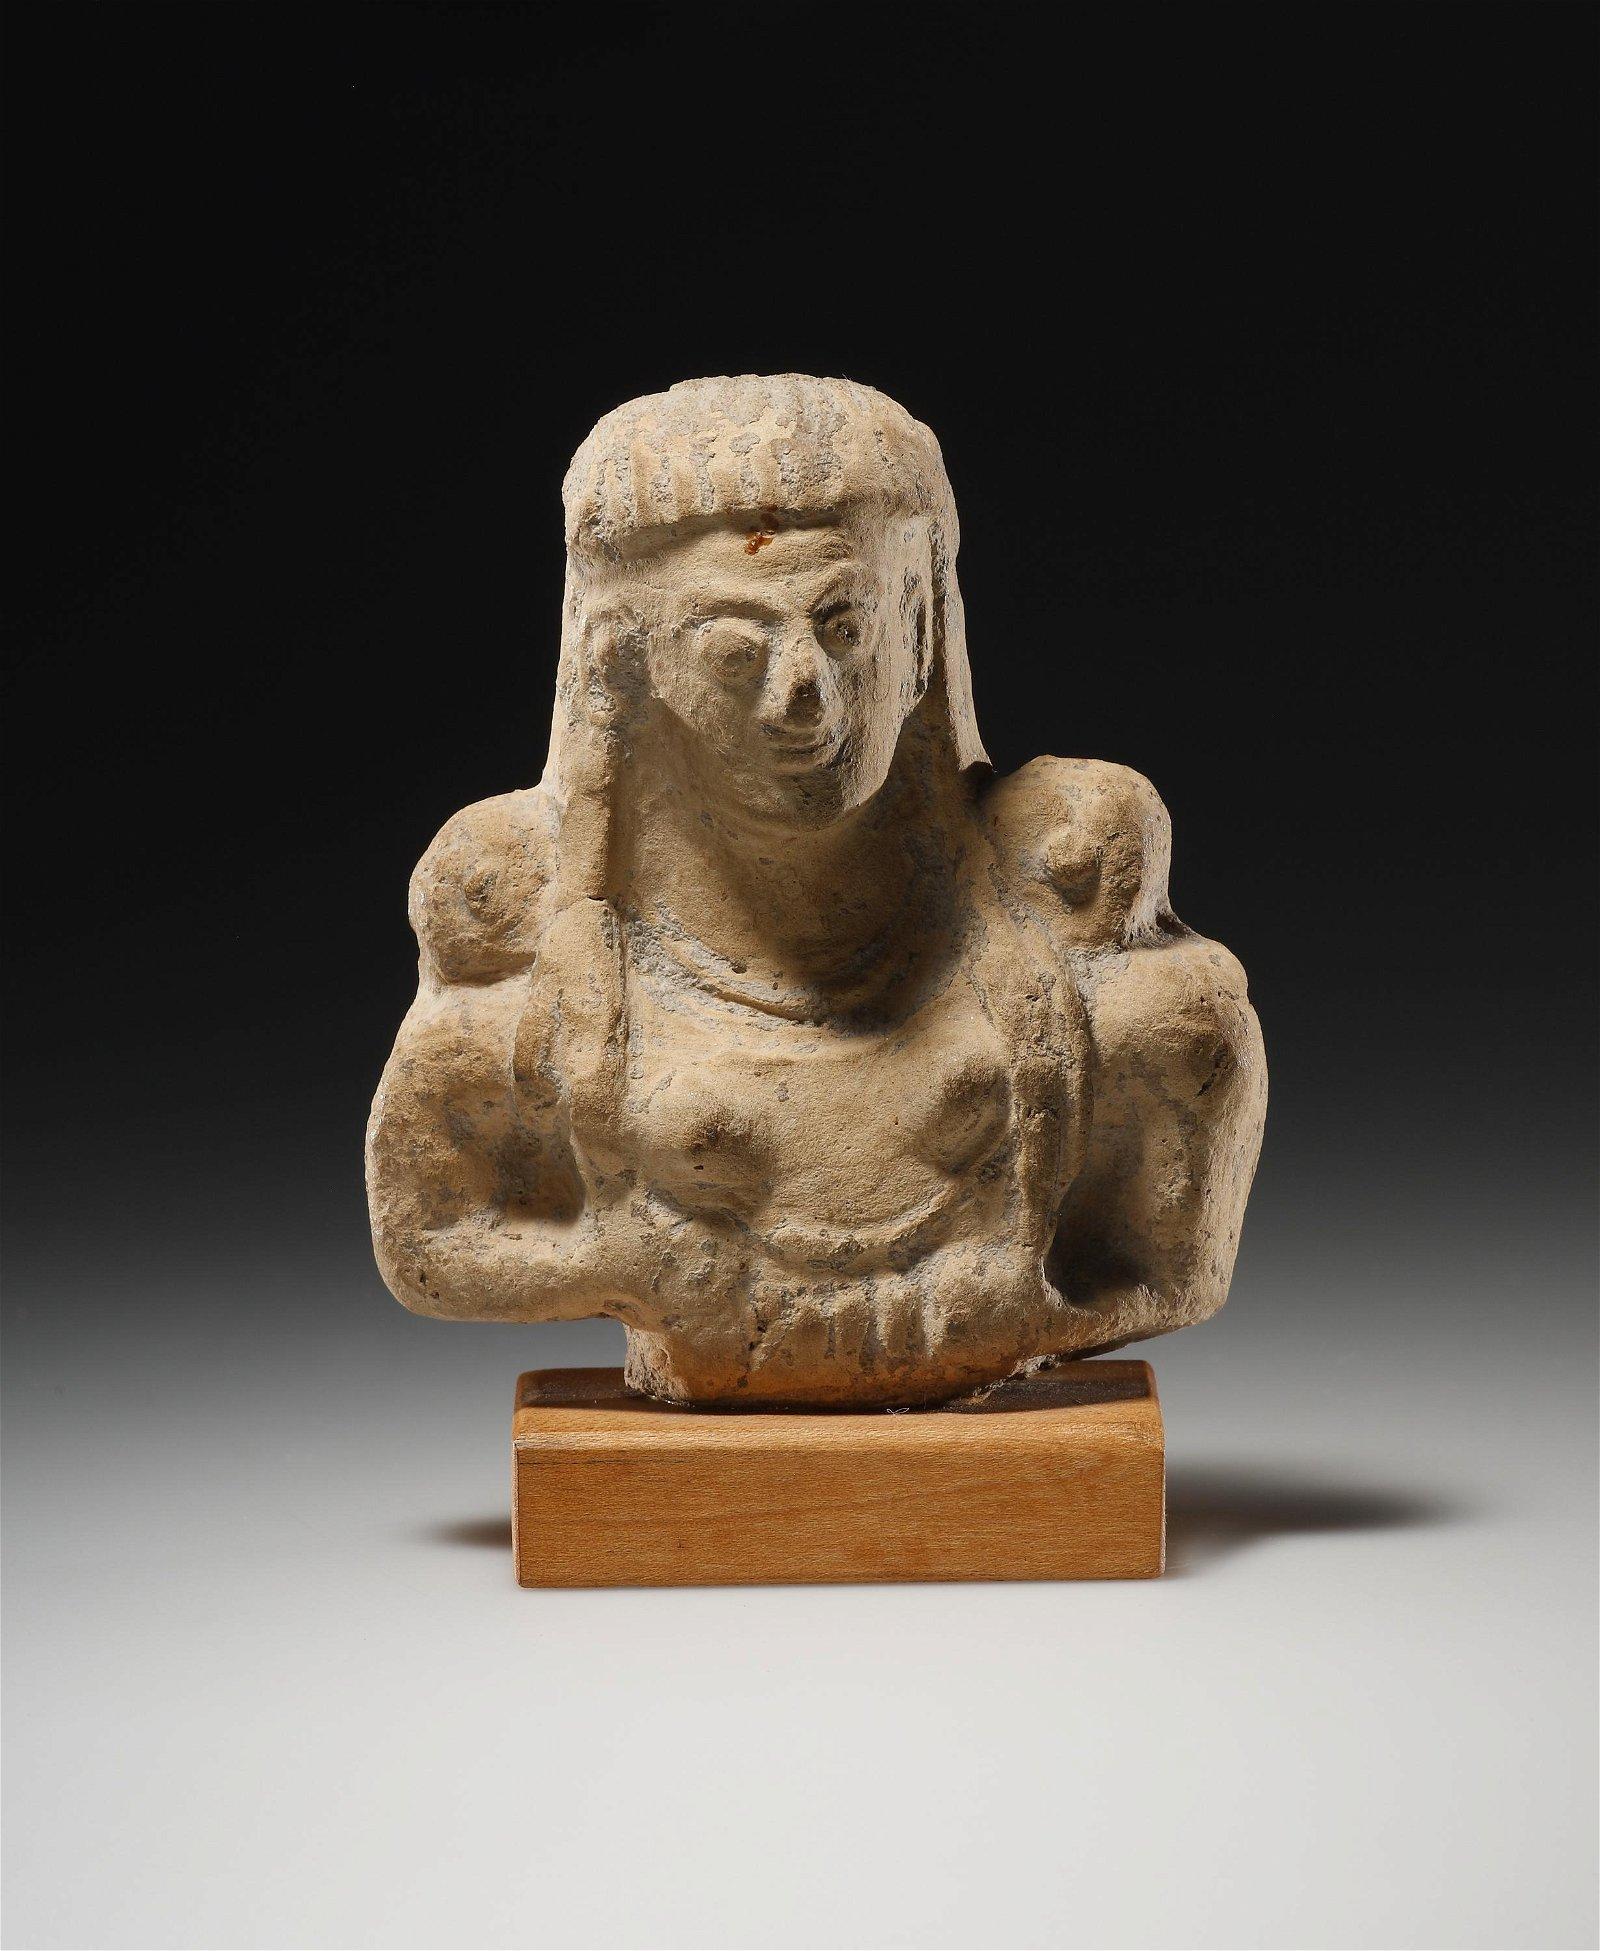 An Upper Body Fragment of a Goddess